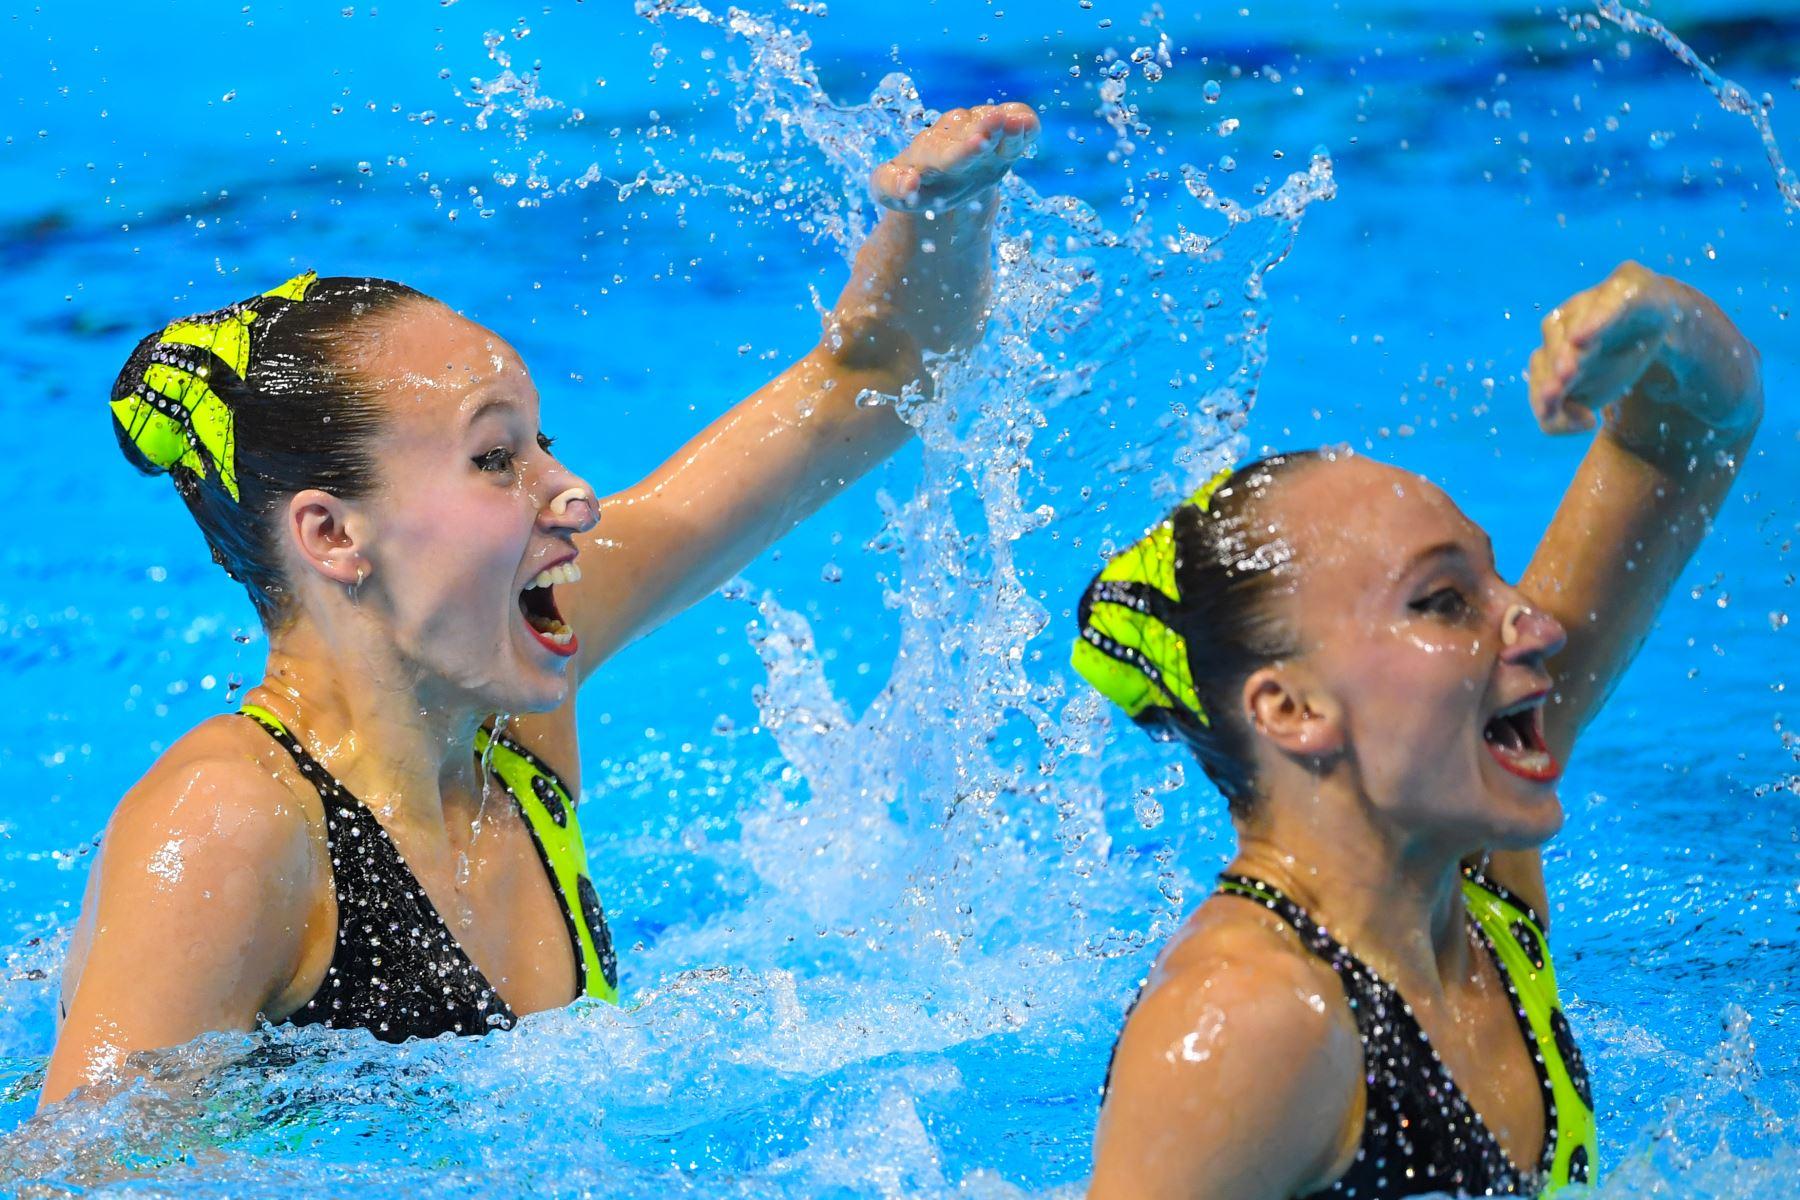 Eden Blecher y Shelly Bobritsky, de Israel, compiten en el evento técnico de natación artística durante el Campeonato Mundial 2019. Foto: AFP